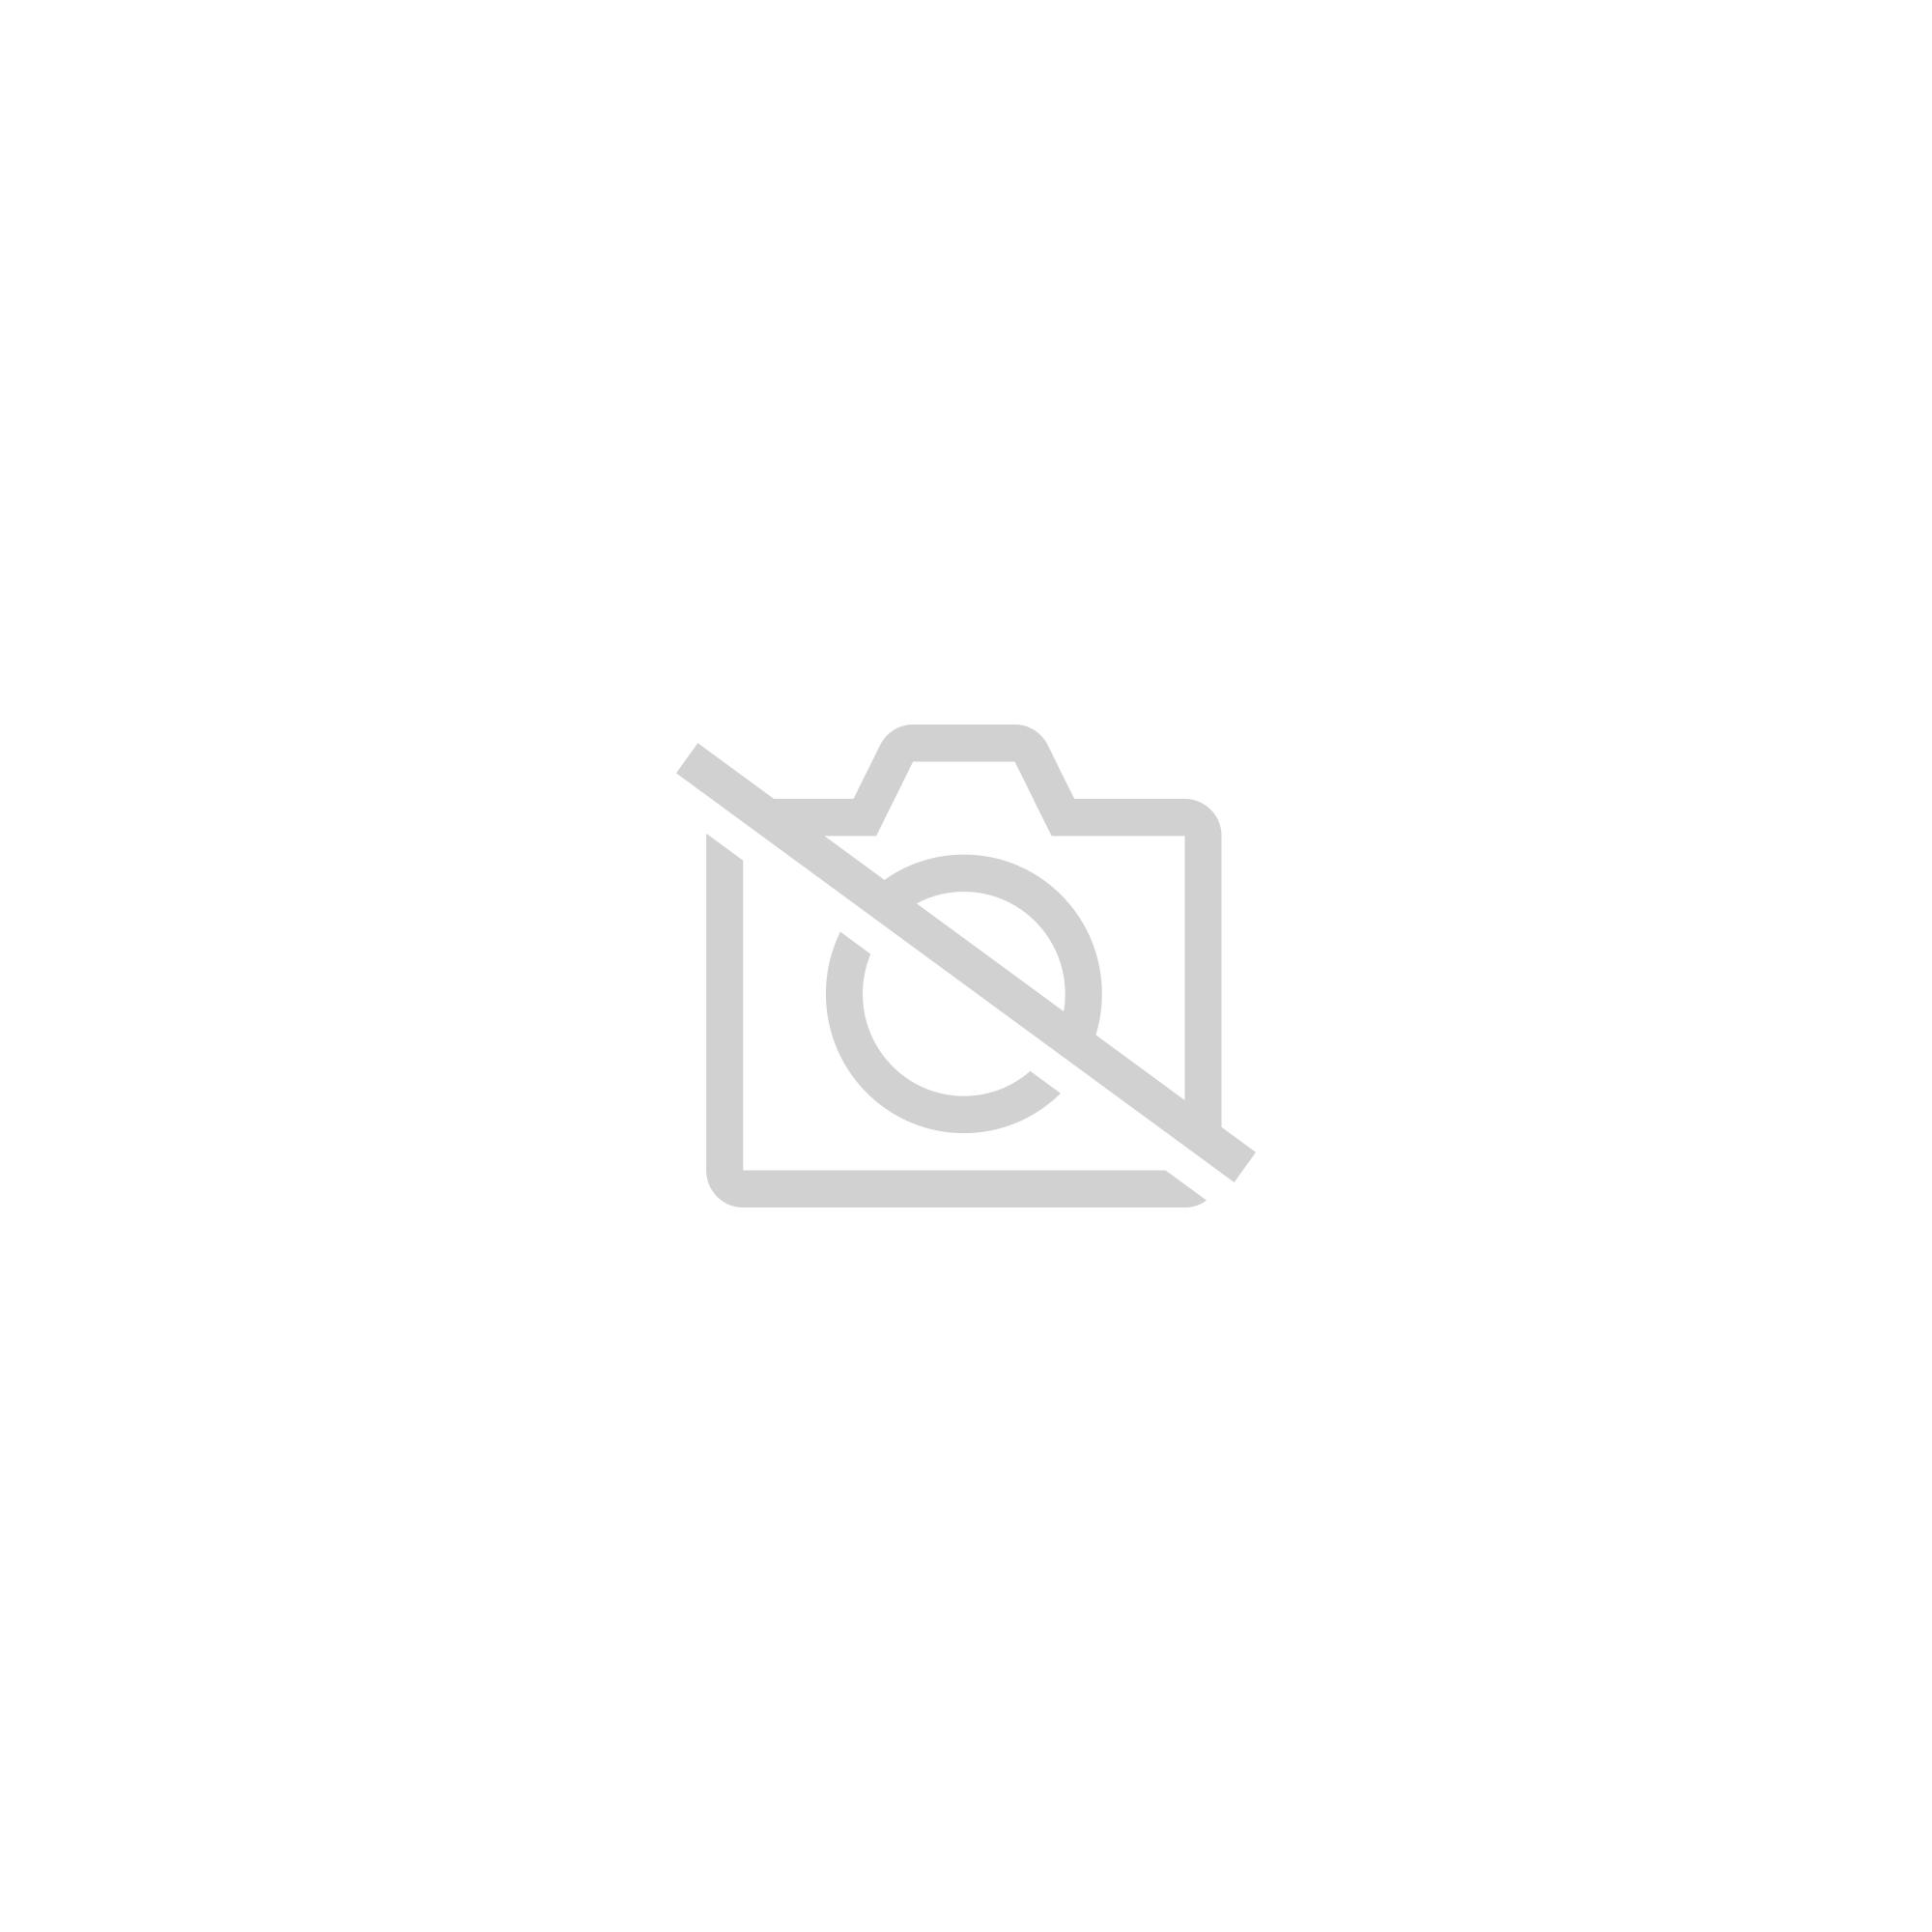 3d Flamant Peluche Pantoufles Chaussures 23cm Chaussons Hiver Chaud Adulte Enfant Décor Mignon Cadeau Anniversaire Noël